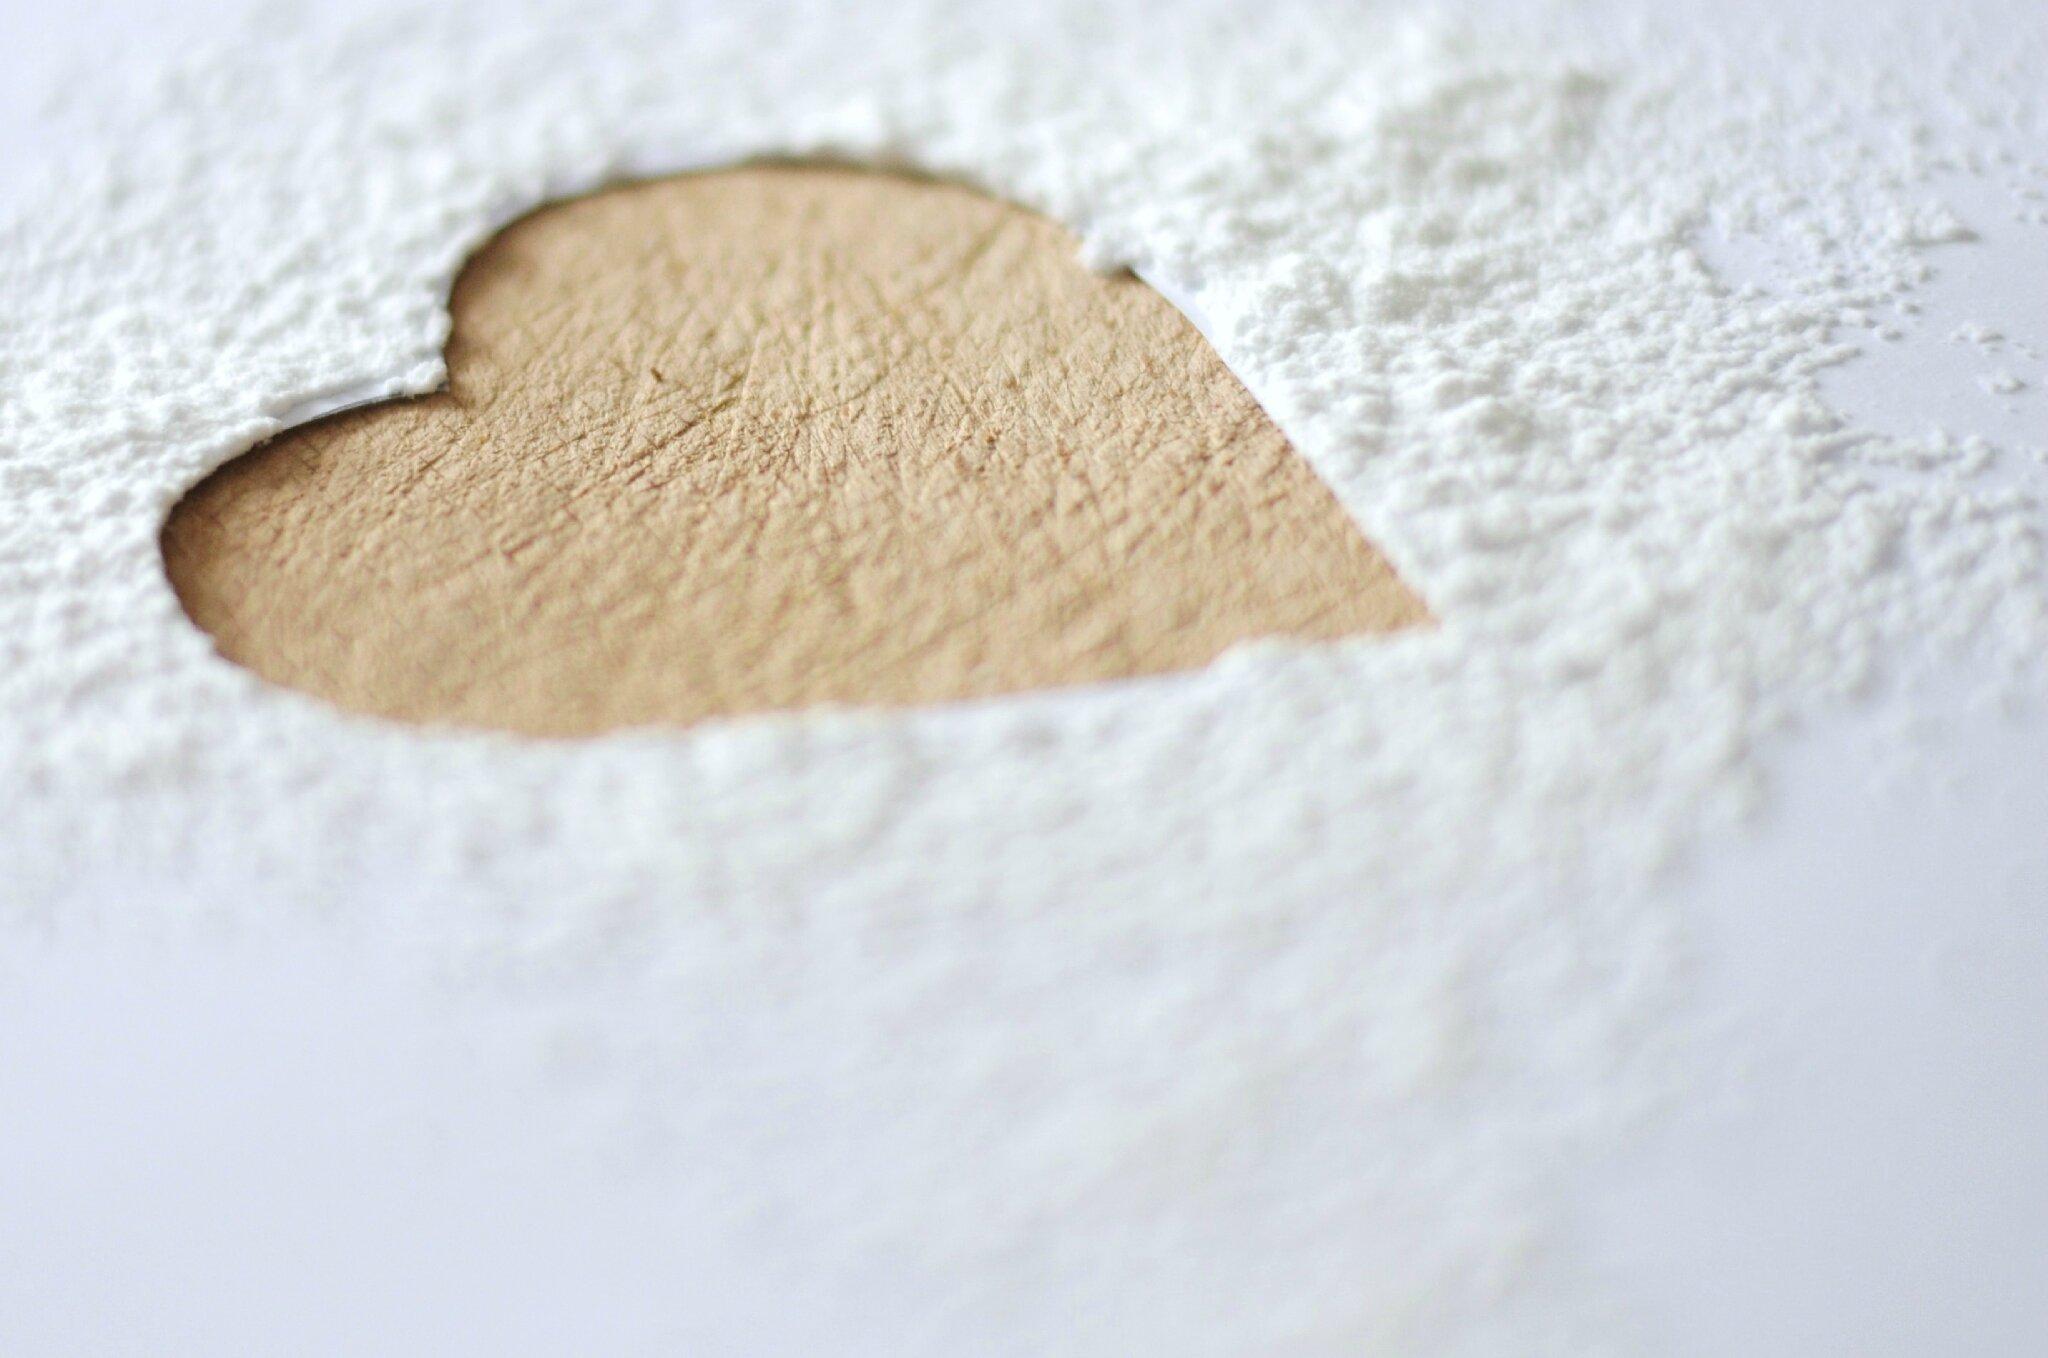 Coeur fondant au chocolat au lait : Bonne Saint Valentin !!!